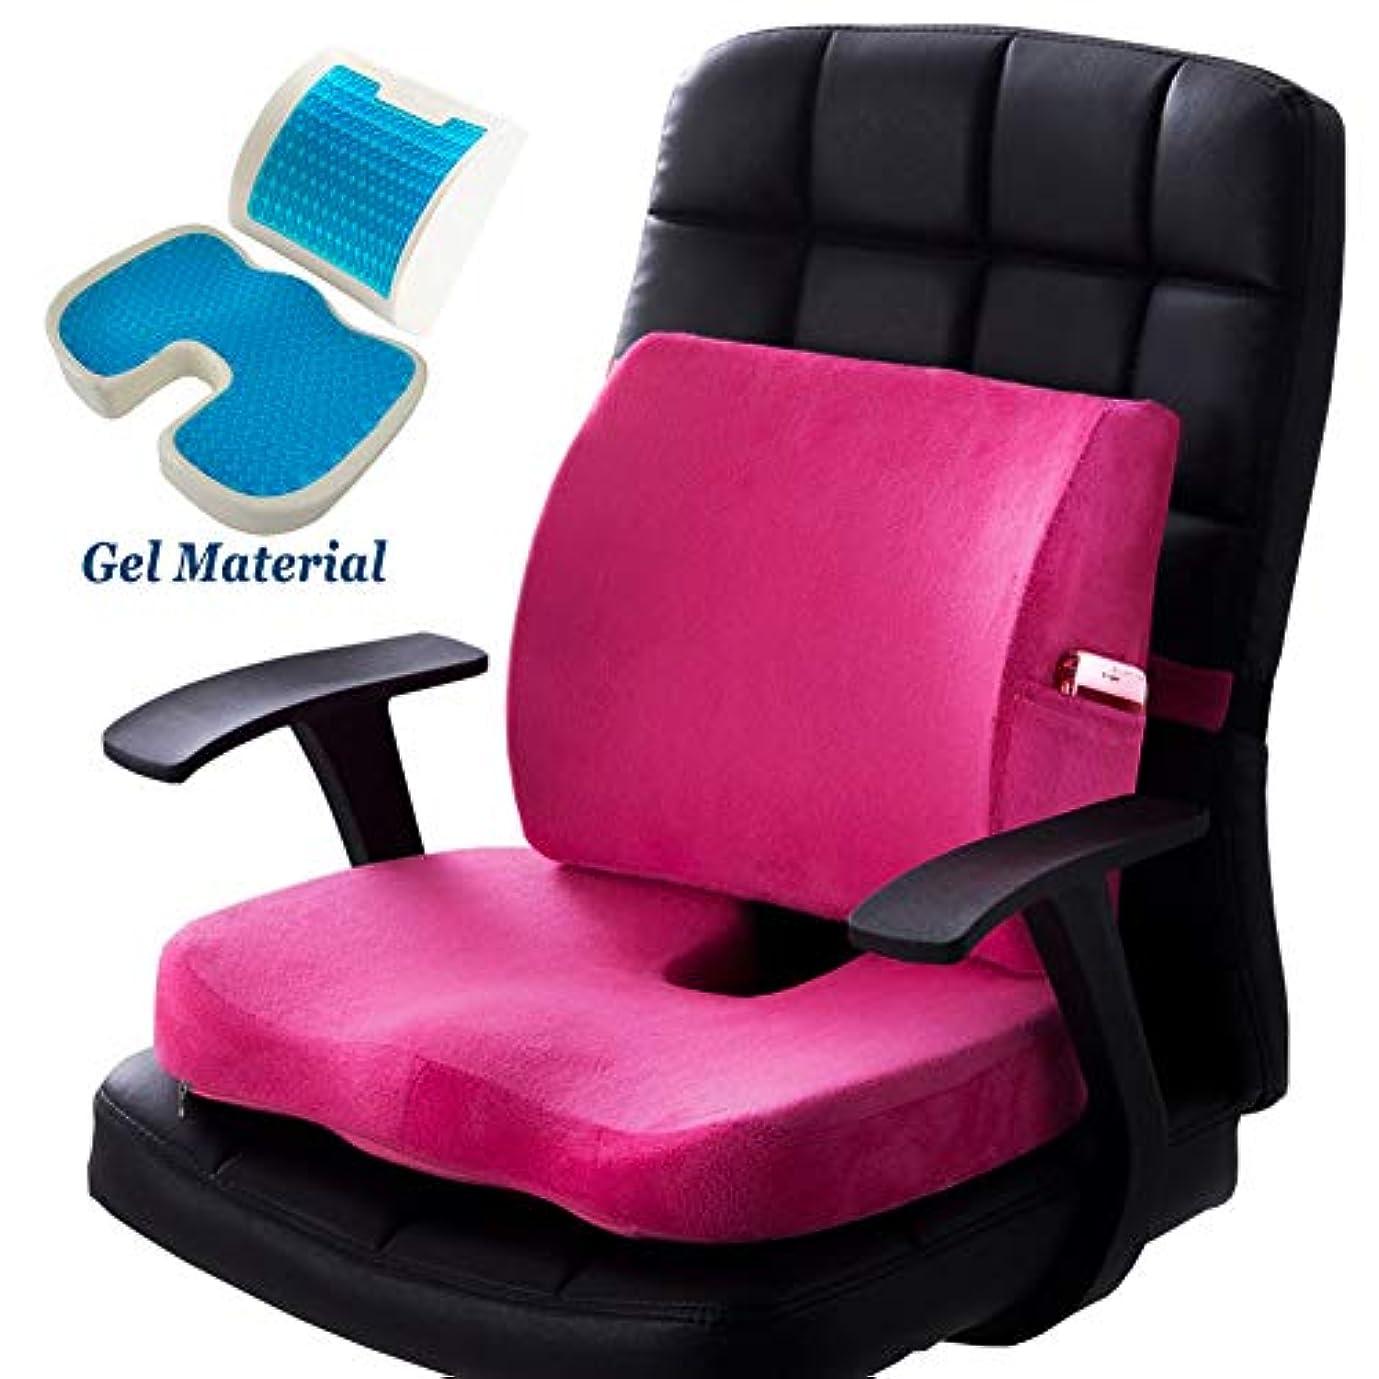 パステル議論する価値のないシートクッションと腰用クッションセット,ファッション低反発フォーム/ジェルサポートバッククッション、洗えるカバー、坐骨神経痛の痛みを軽減,PinkPlush,Gel